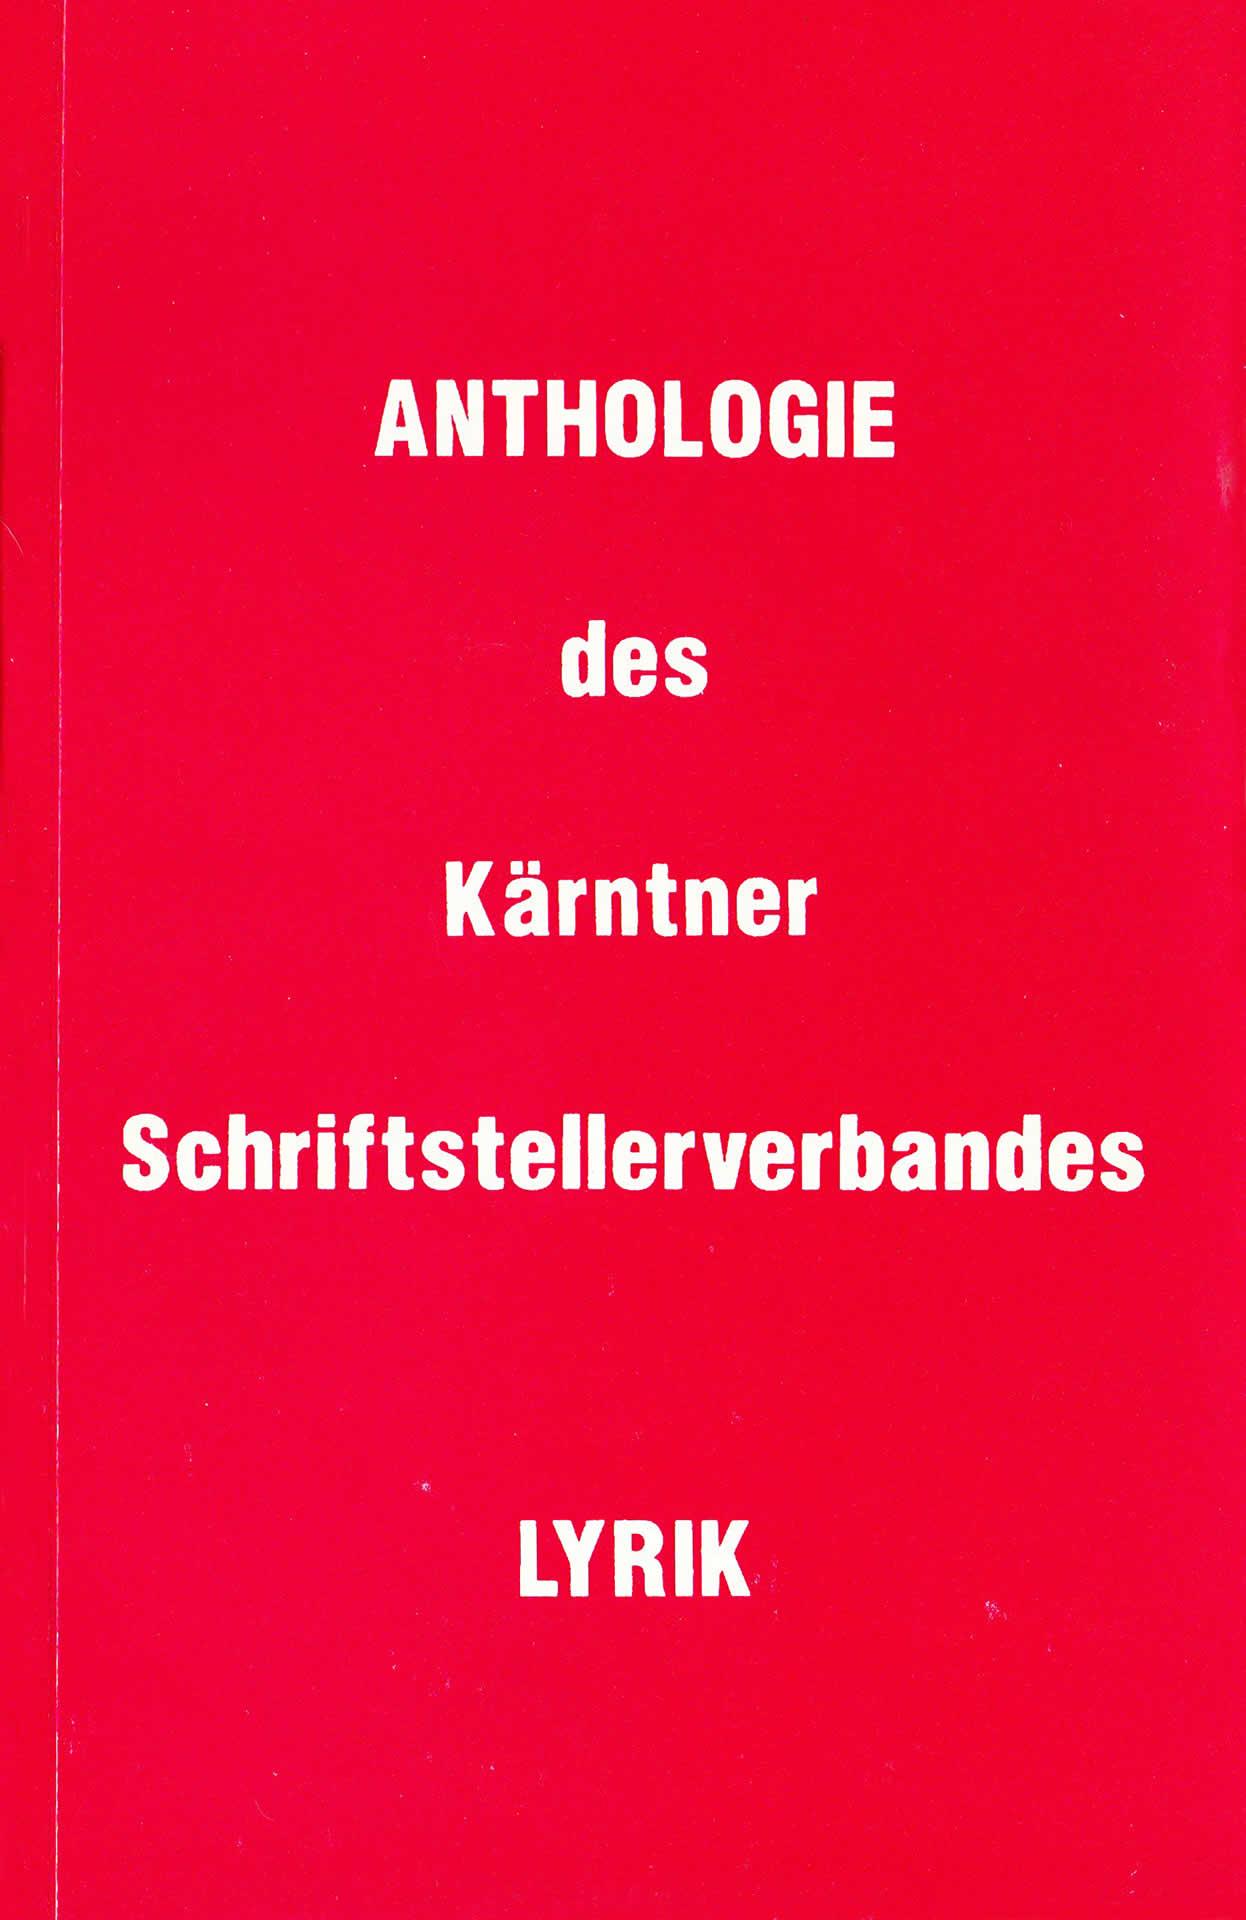 Antologie des Kärntner Schriftstellerverbandes | LYRIK | 1991